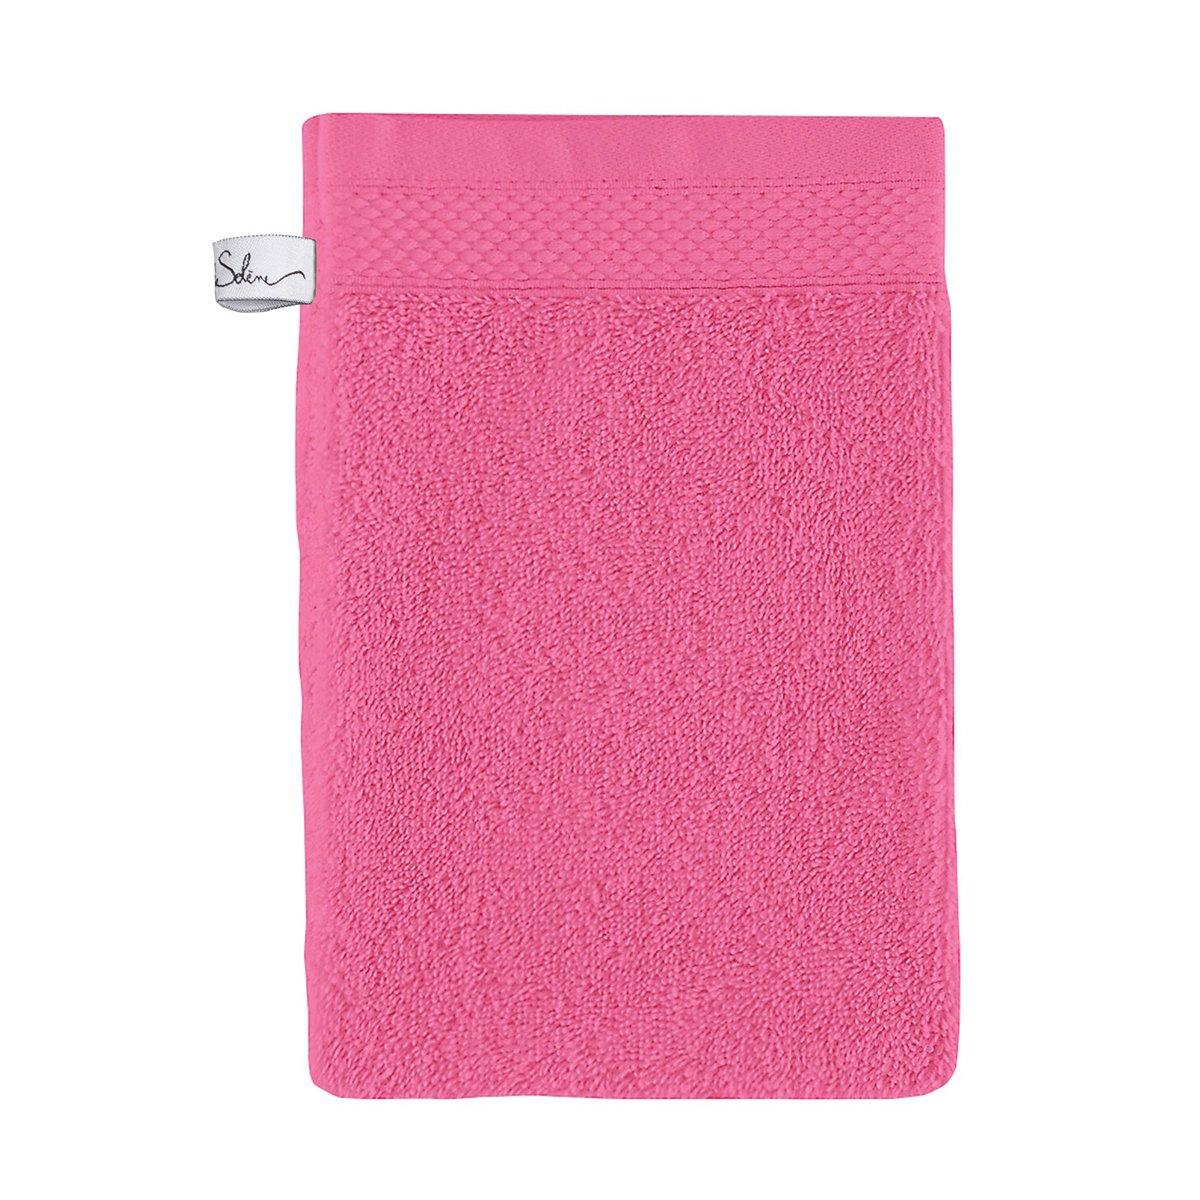 Gant de toilette coton 16x22 cm azalée